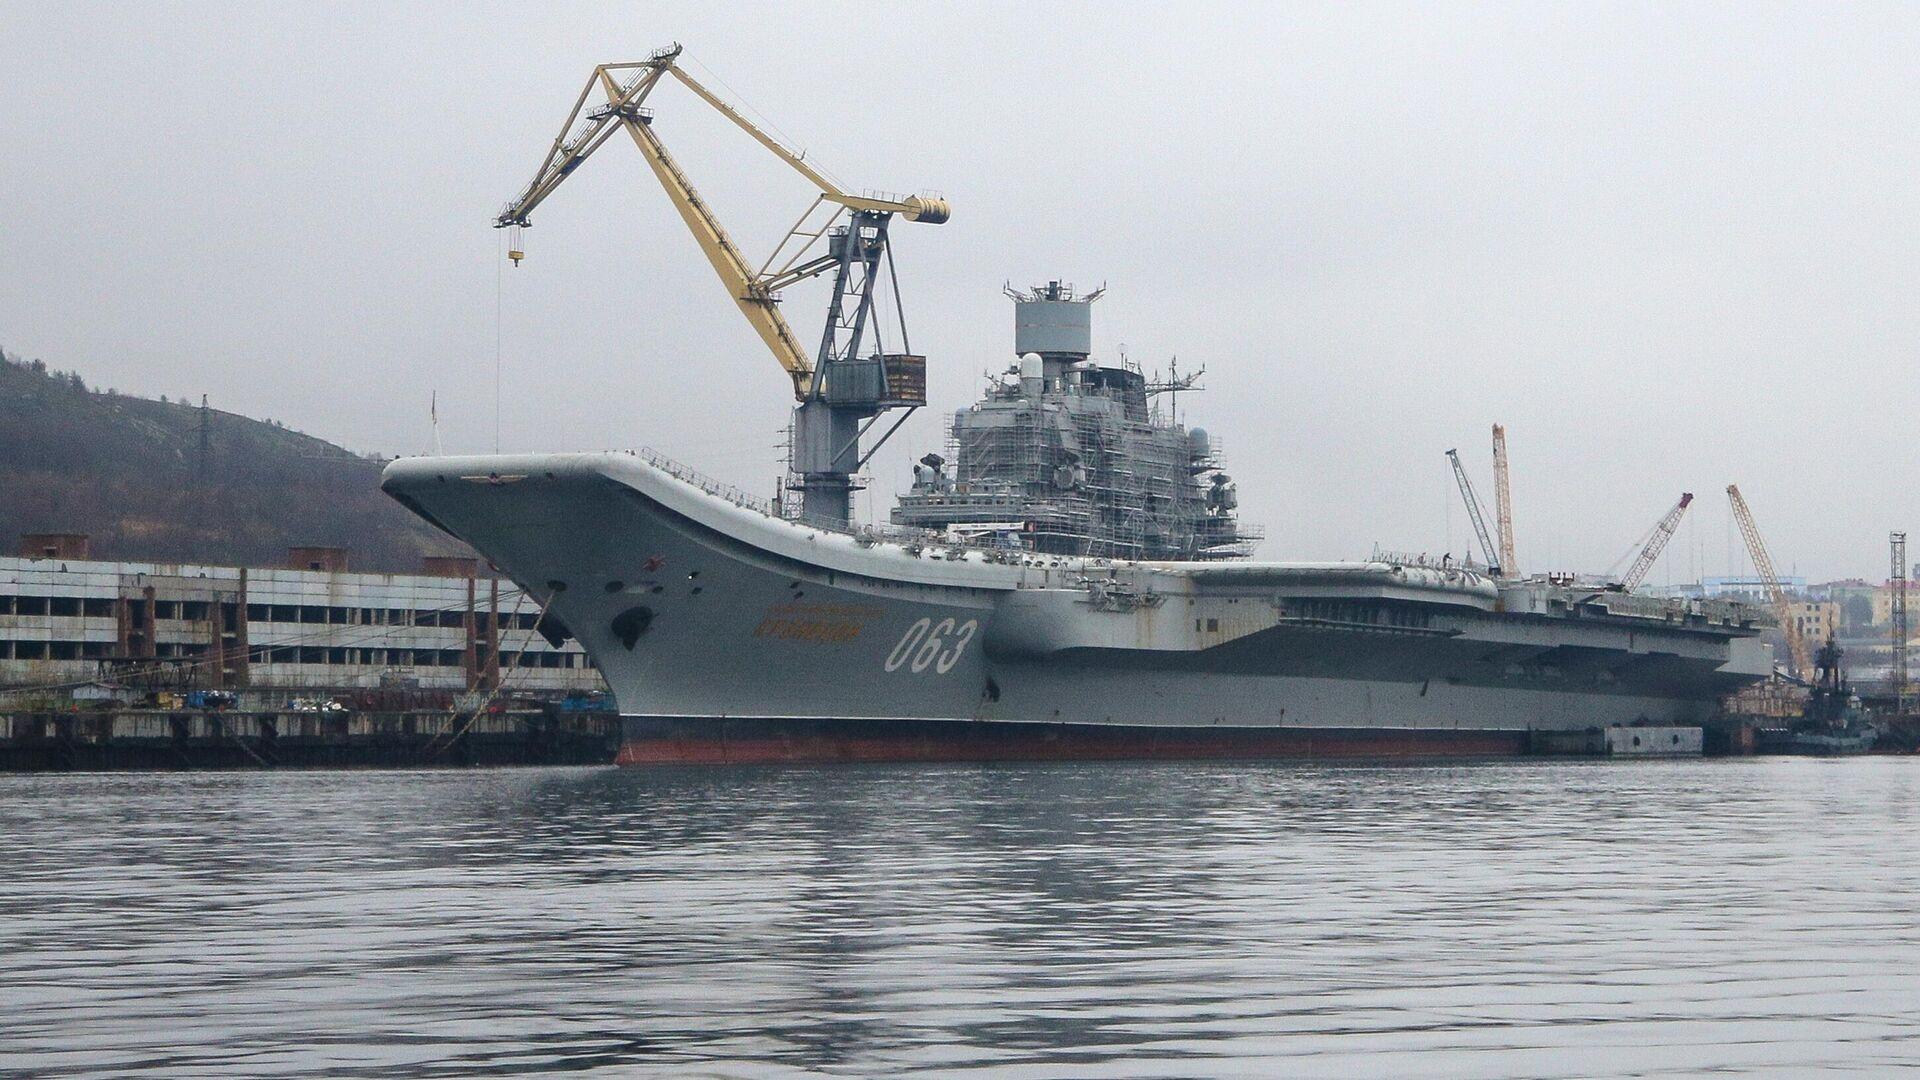 Авианесущий крейсер Адмирал Кузнецов проходит ремонт и модернизацию на 35-м СРЗ в порту Мурманска - РИА Новости, 1920, 27.01.2021